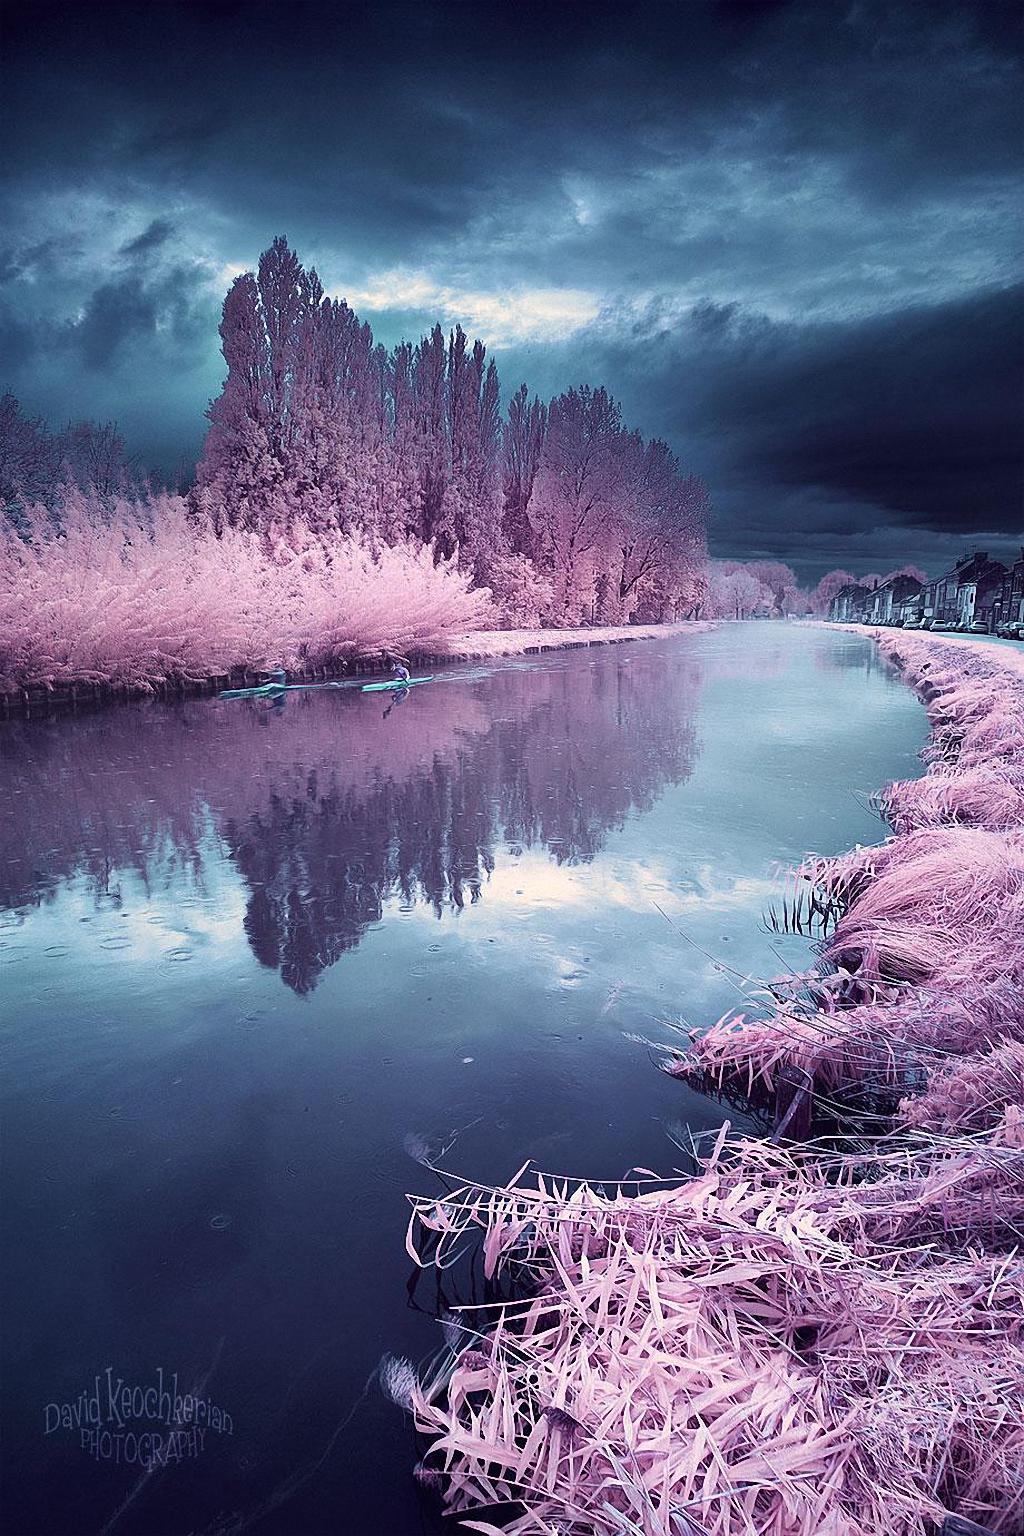 Сказочный мир в инфракрасном свете  Skazochnyj-mir-v-infrakrasnom-svete-10